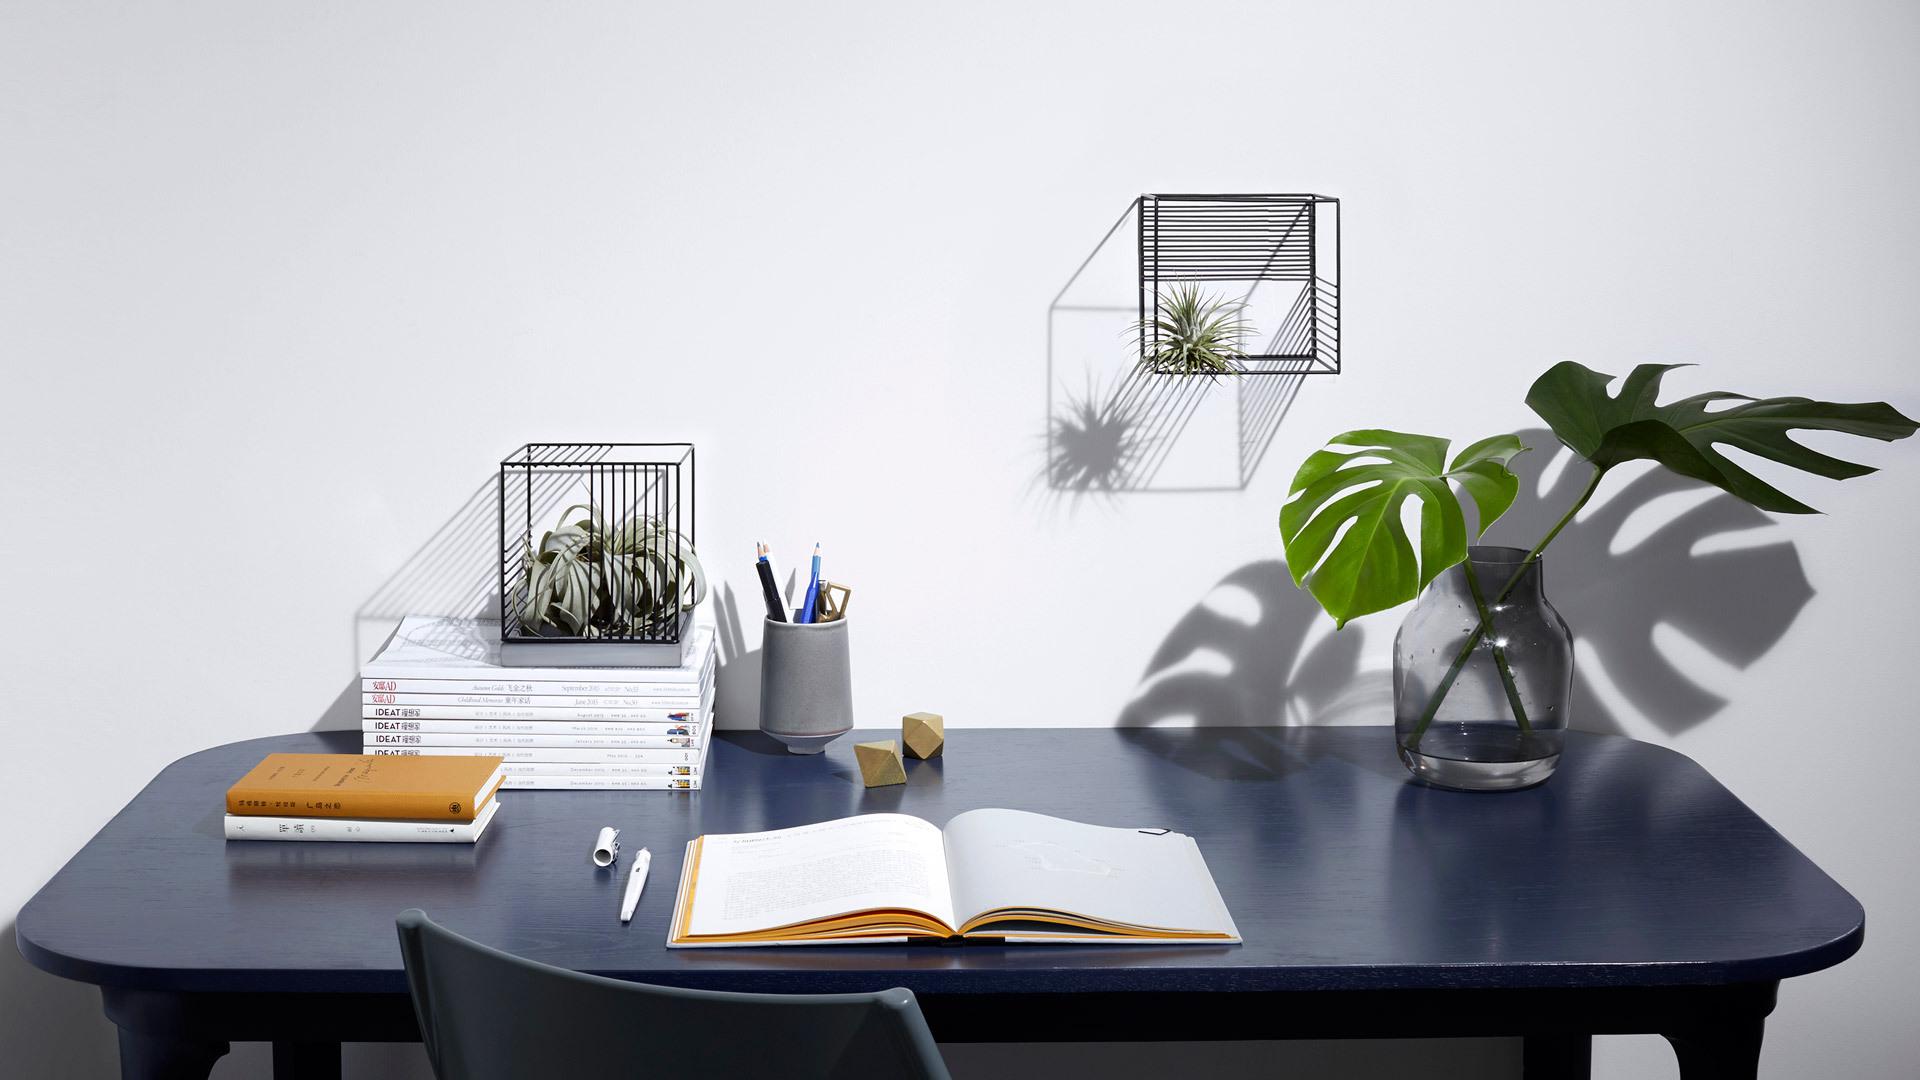 除了彩色,如何让桌面看起来更有趣?把光合氧气花瓶呼应使用,形成跳跃有层次的光影装饰线,撑起任意空间需要点缀的角落。